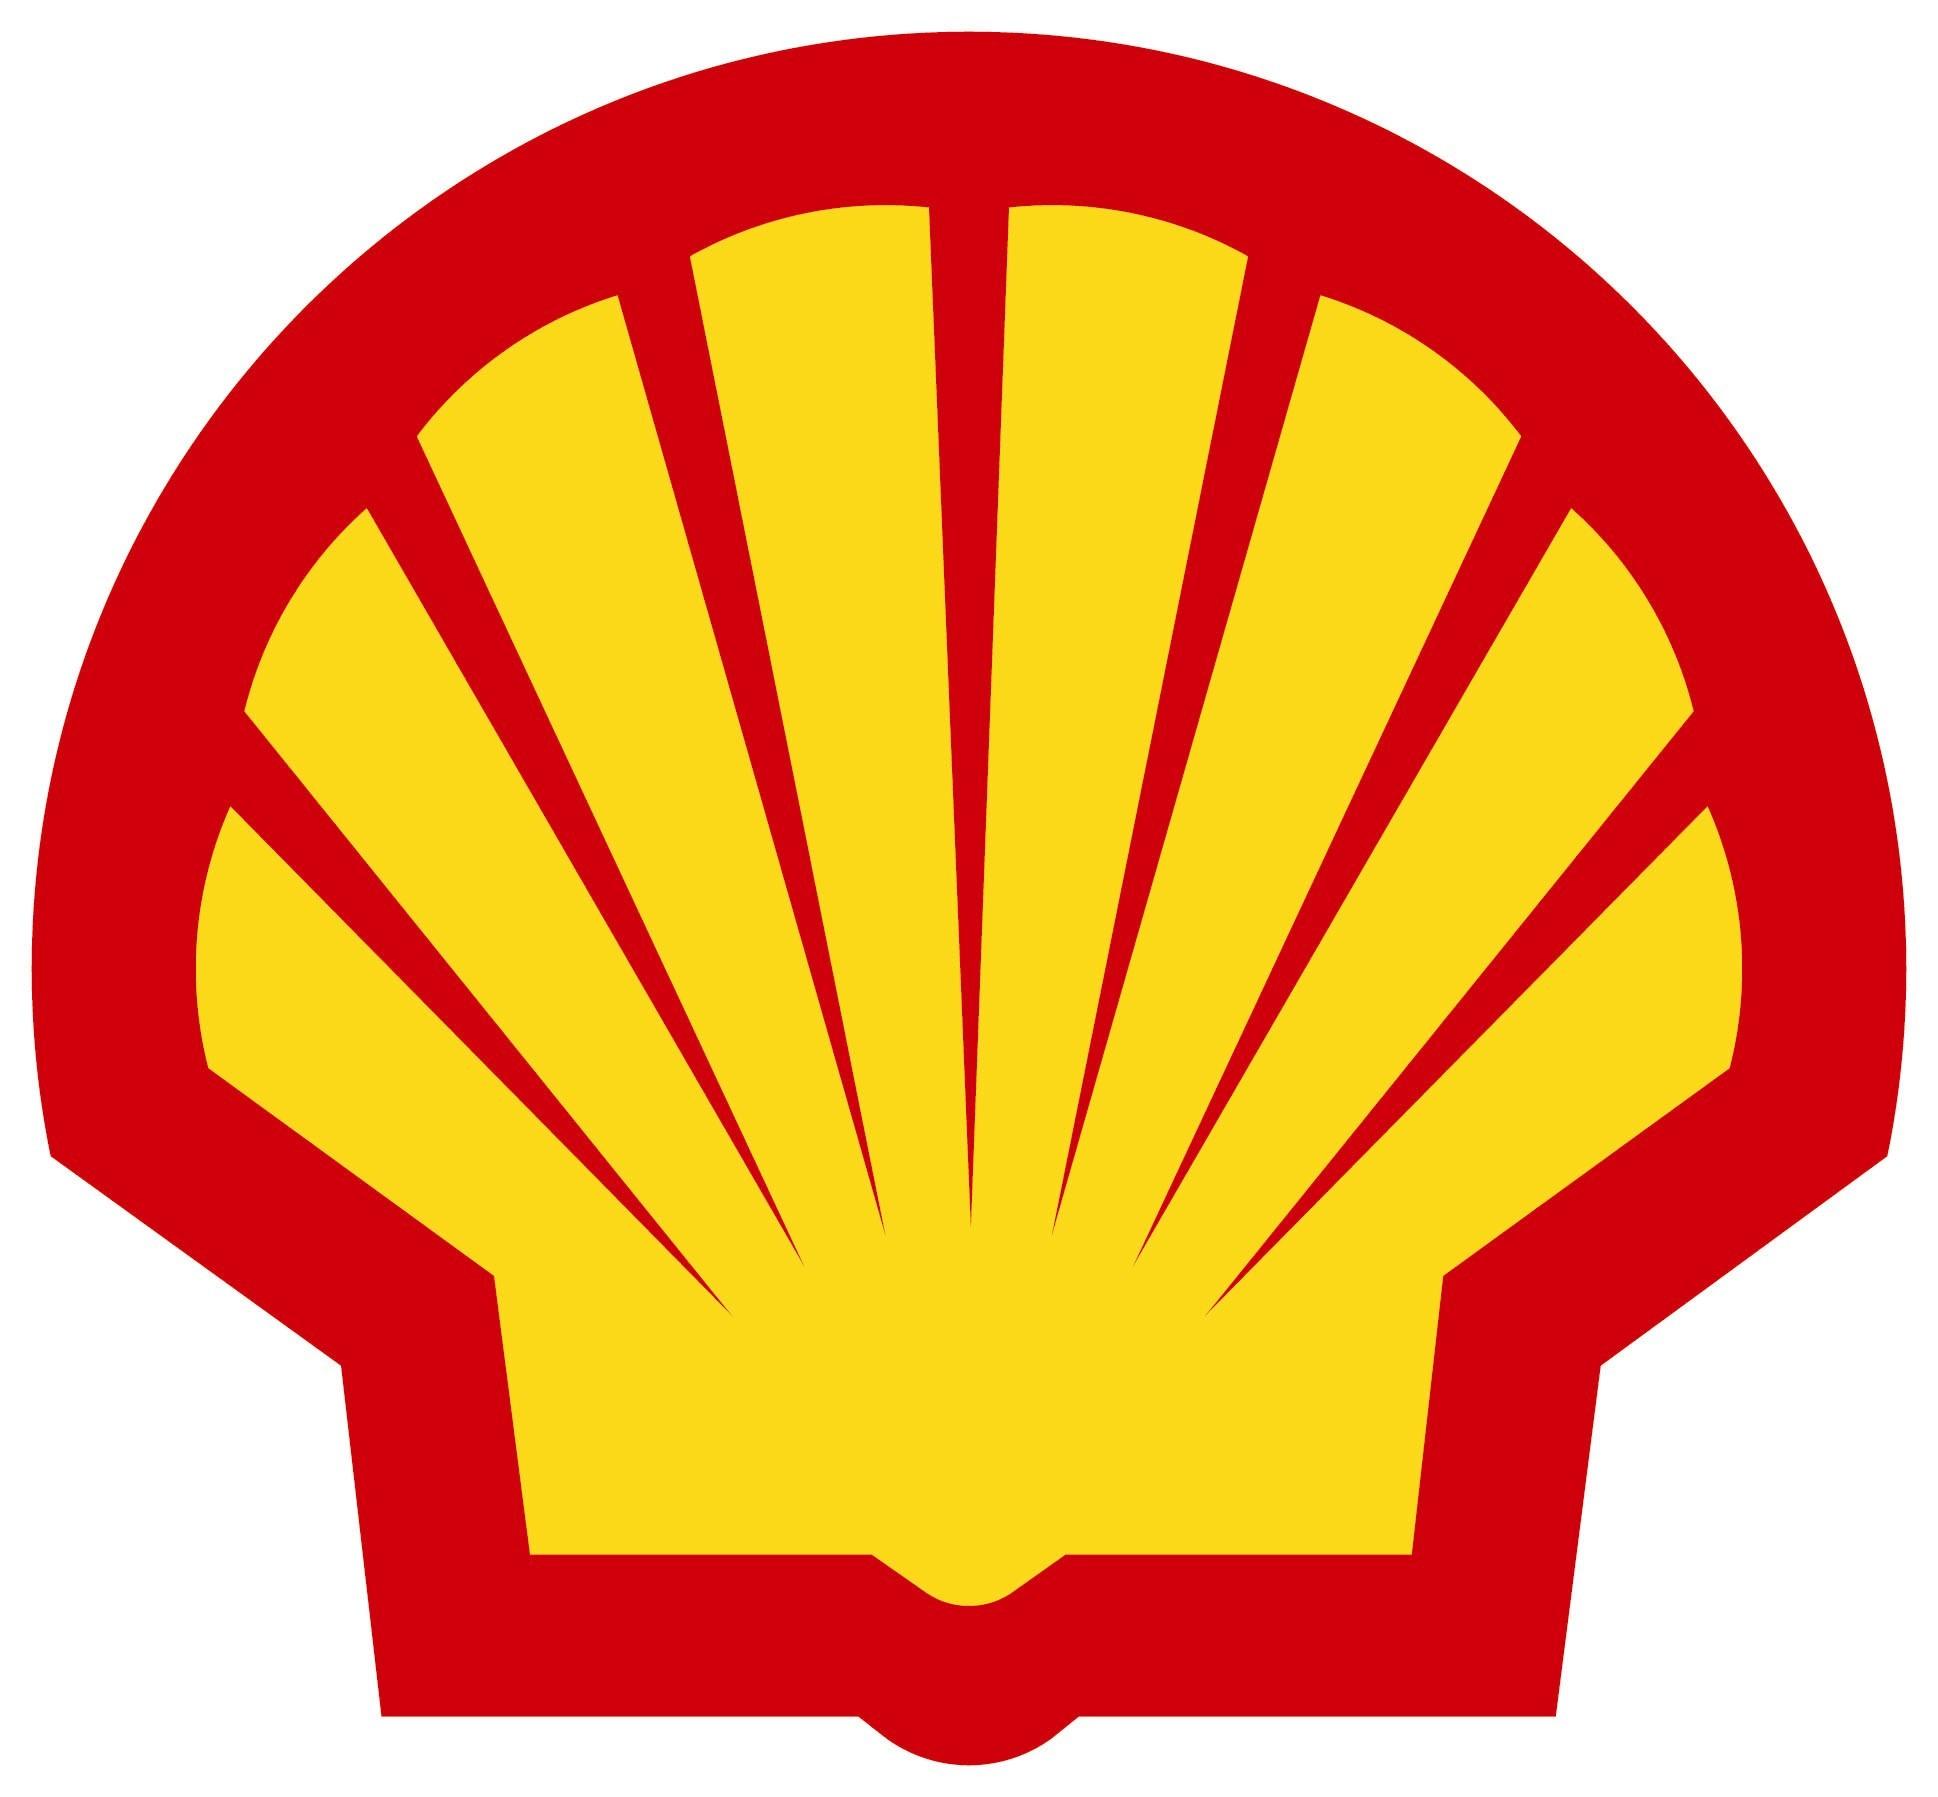 shell gas station logo wwwimgkidcom the image kid